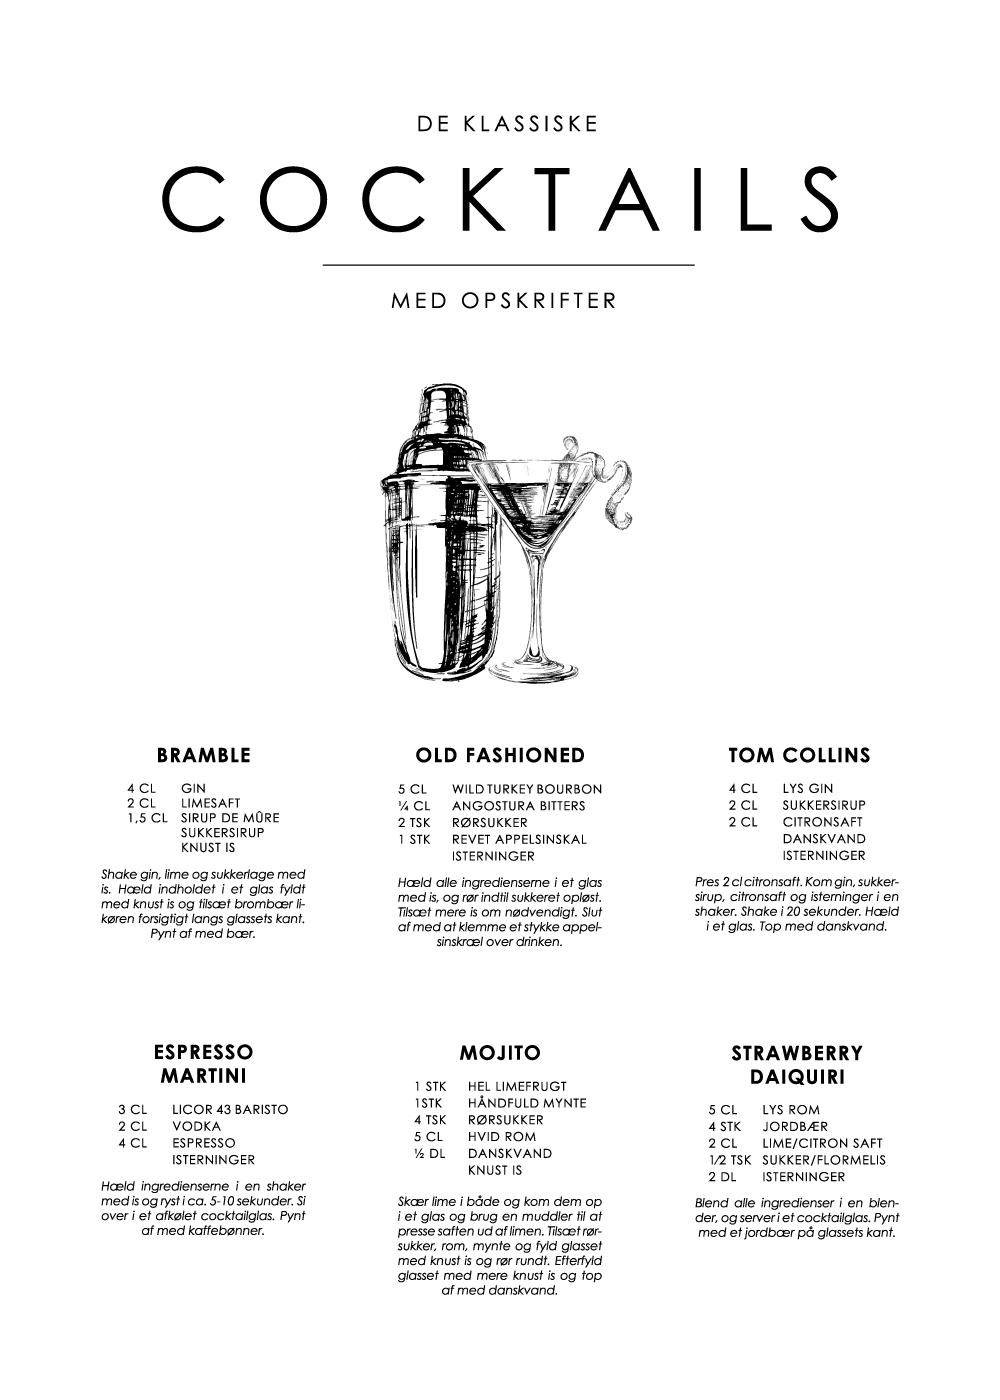 Billede af Cocktails opskrifter plakat - De klassiske nr. 2